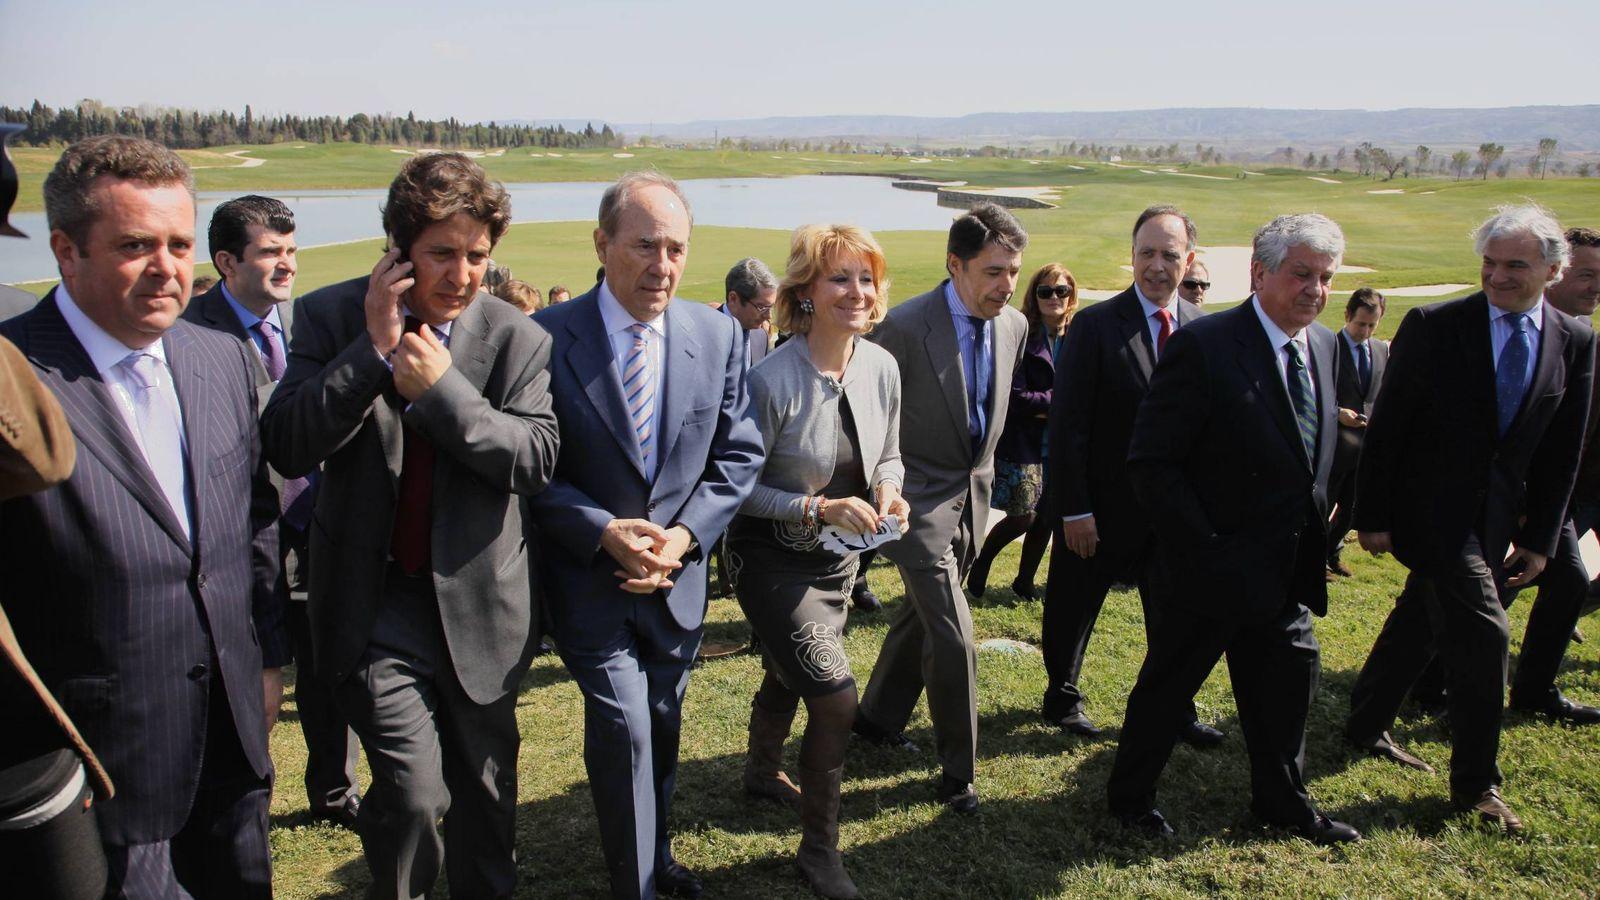 Foto: Aguirre, escoltada por Ignacio González y Joaquín Molpeceres, cuando inauguró el campo de golf de El Encín en marzo de 2011.